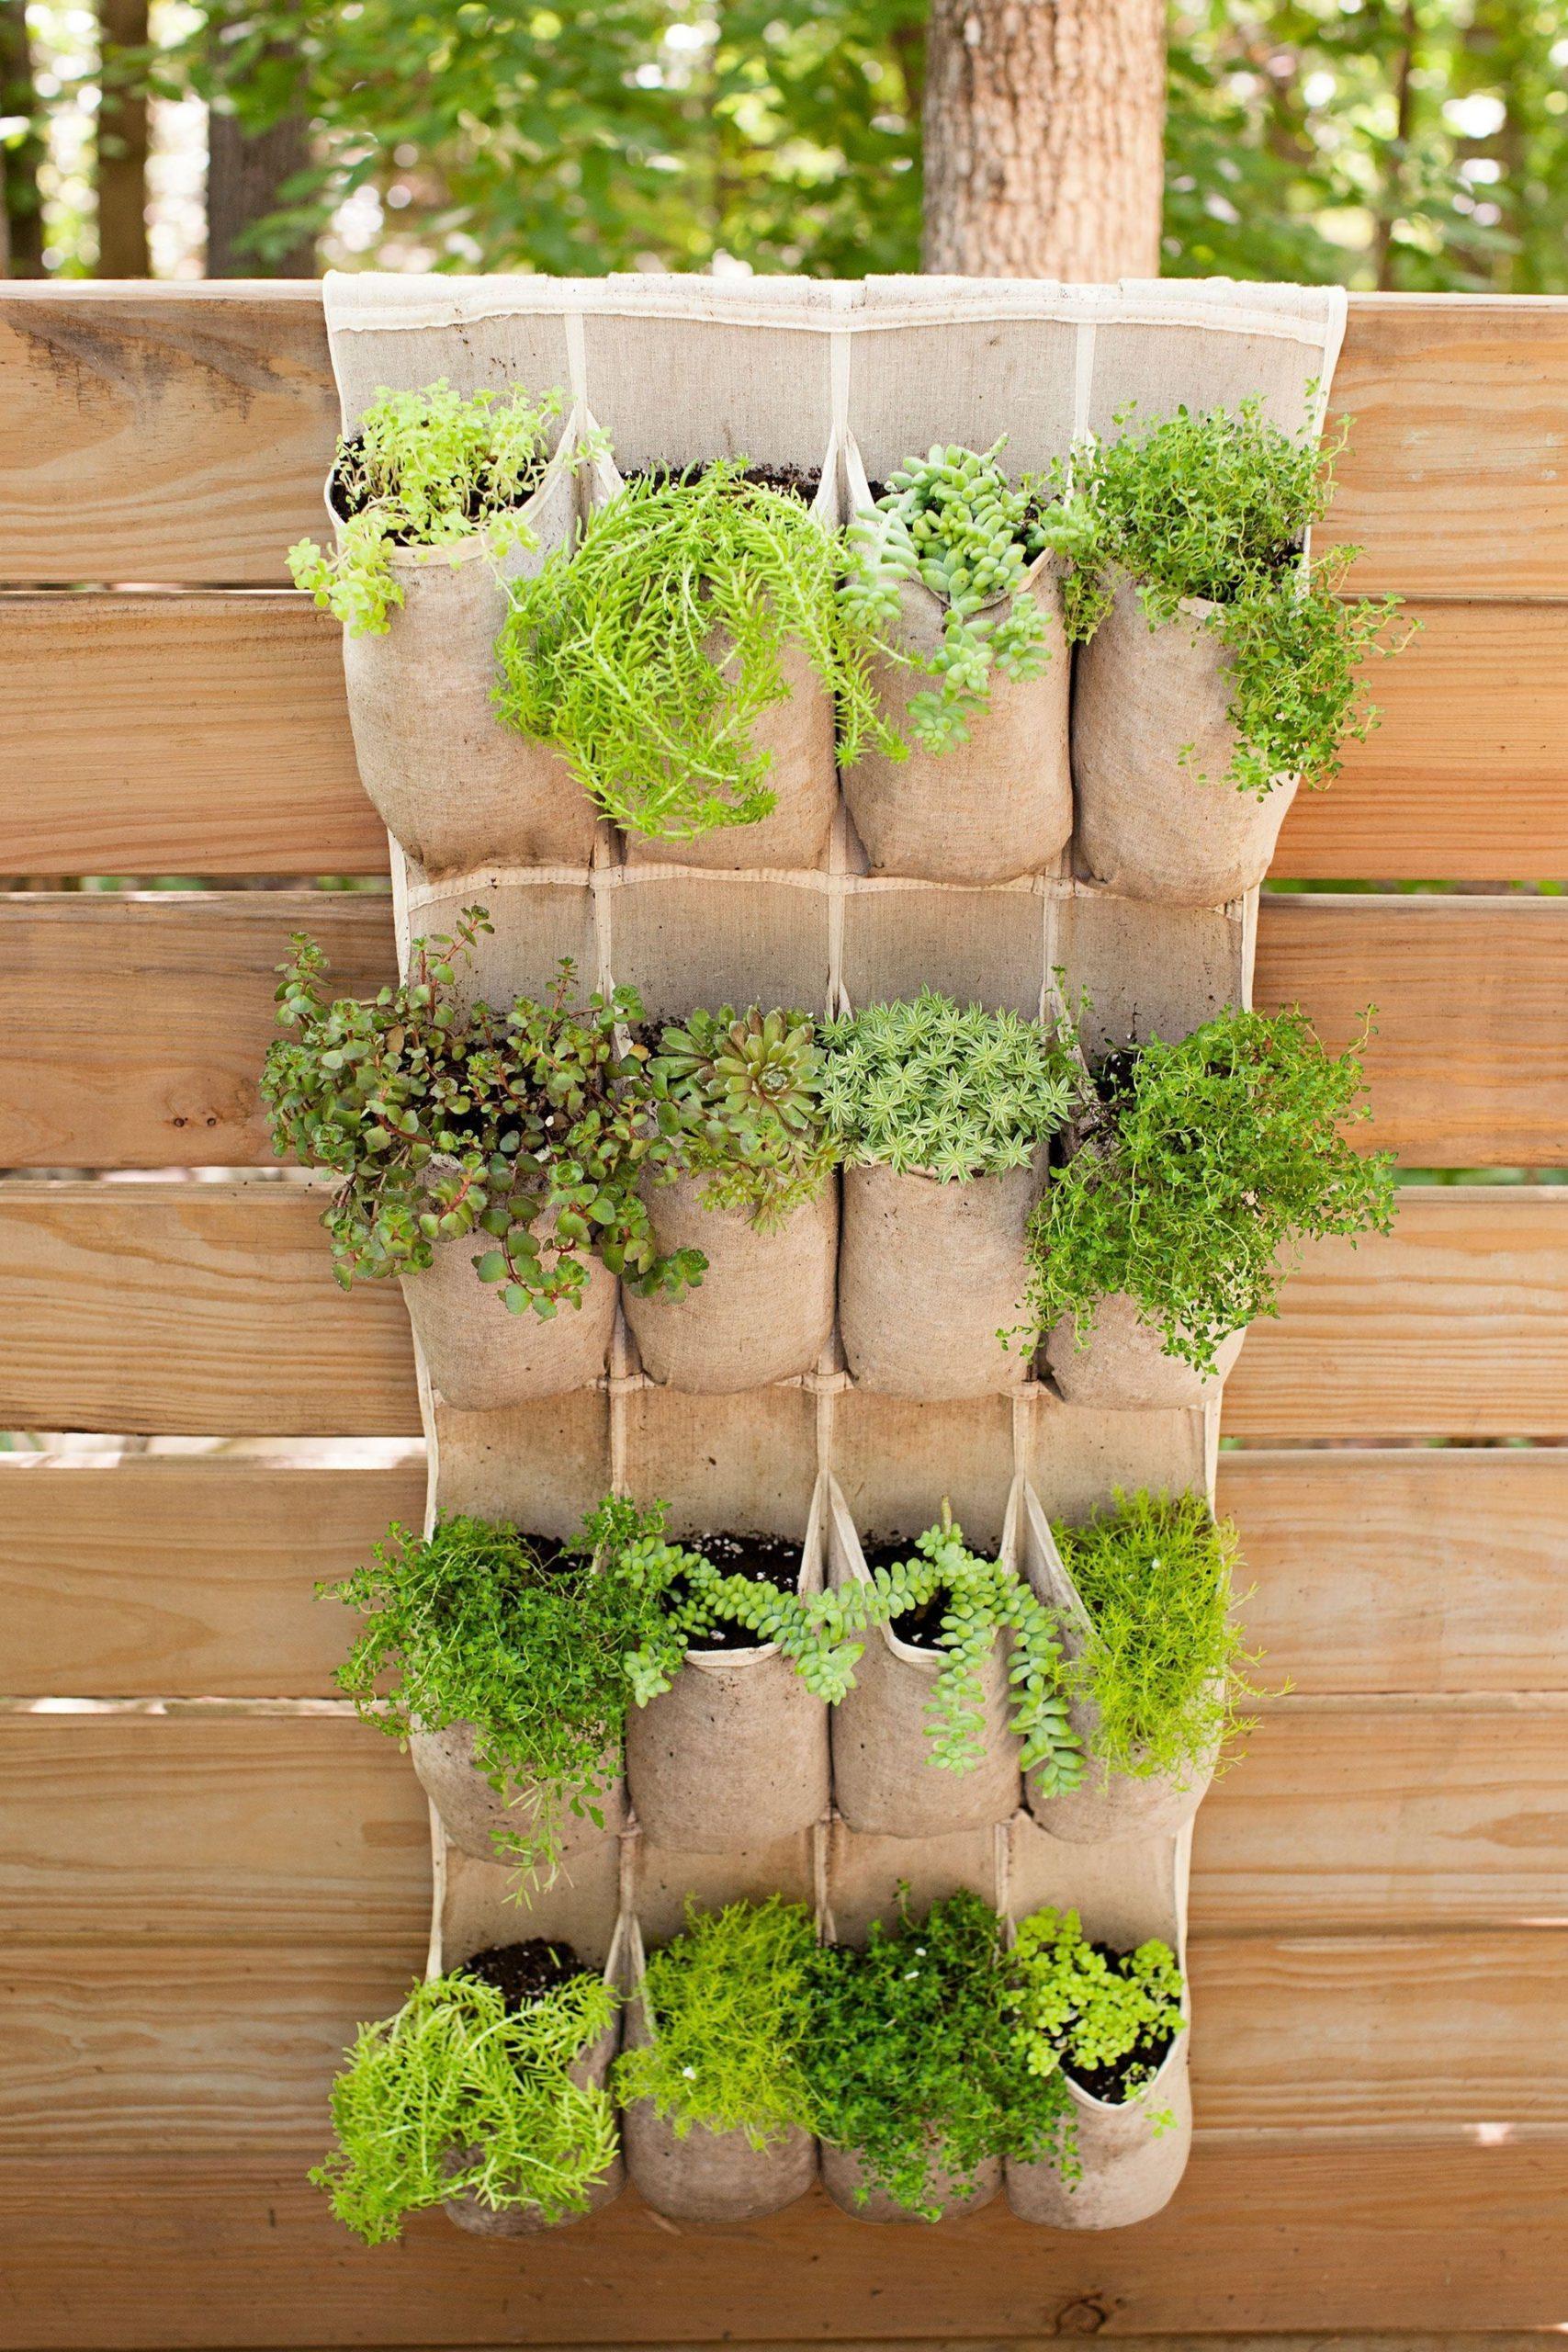 Réutilisez un porte-chaussures dans une jardinière en plein air.